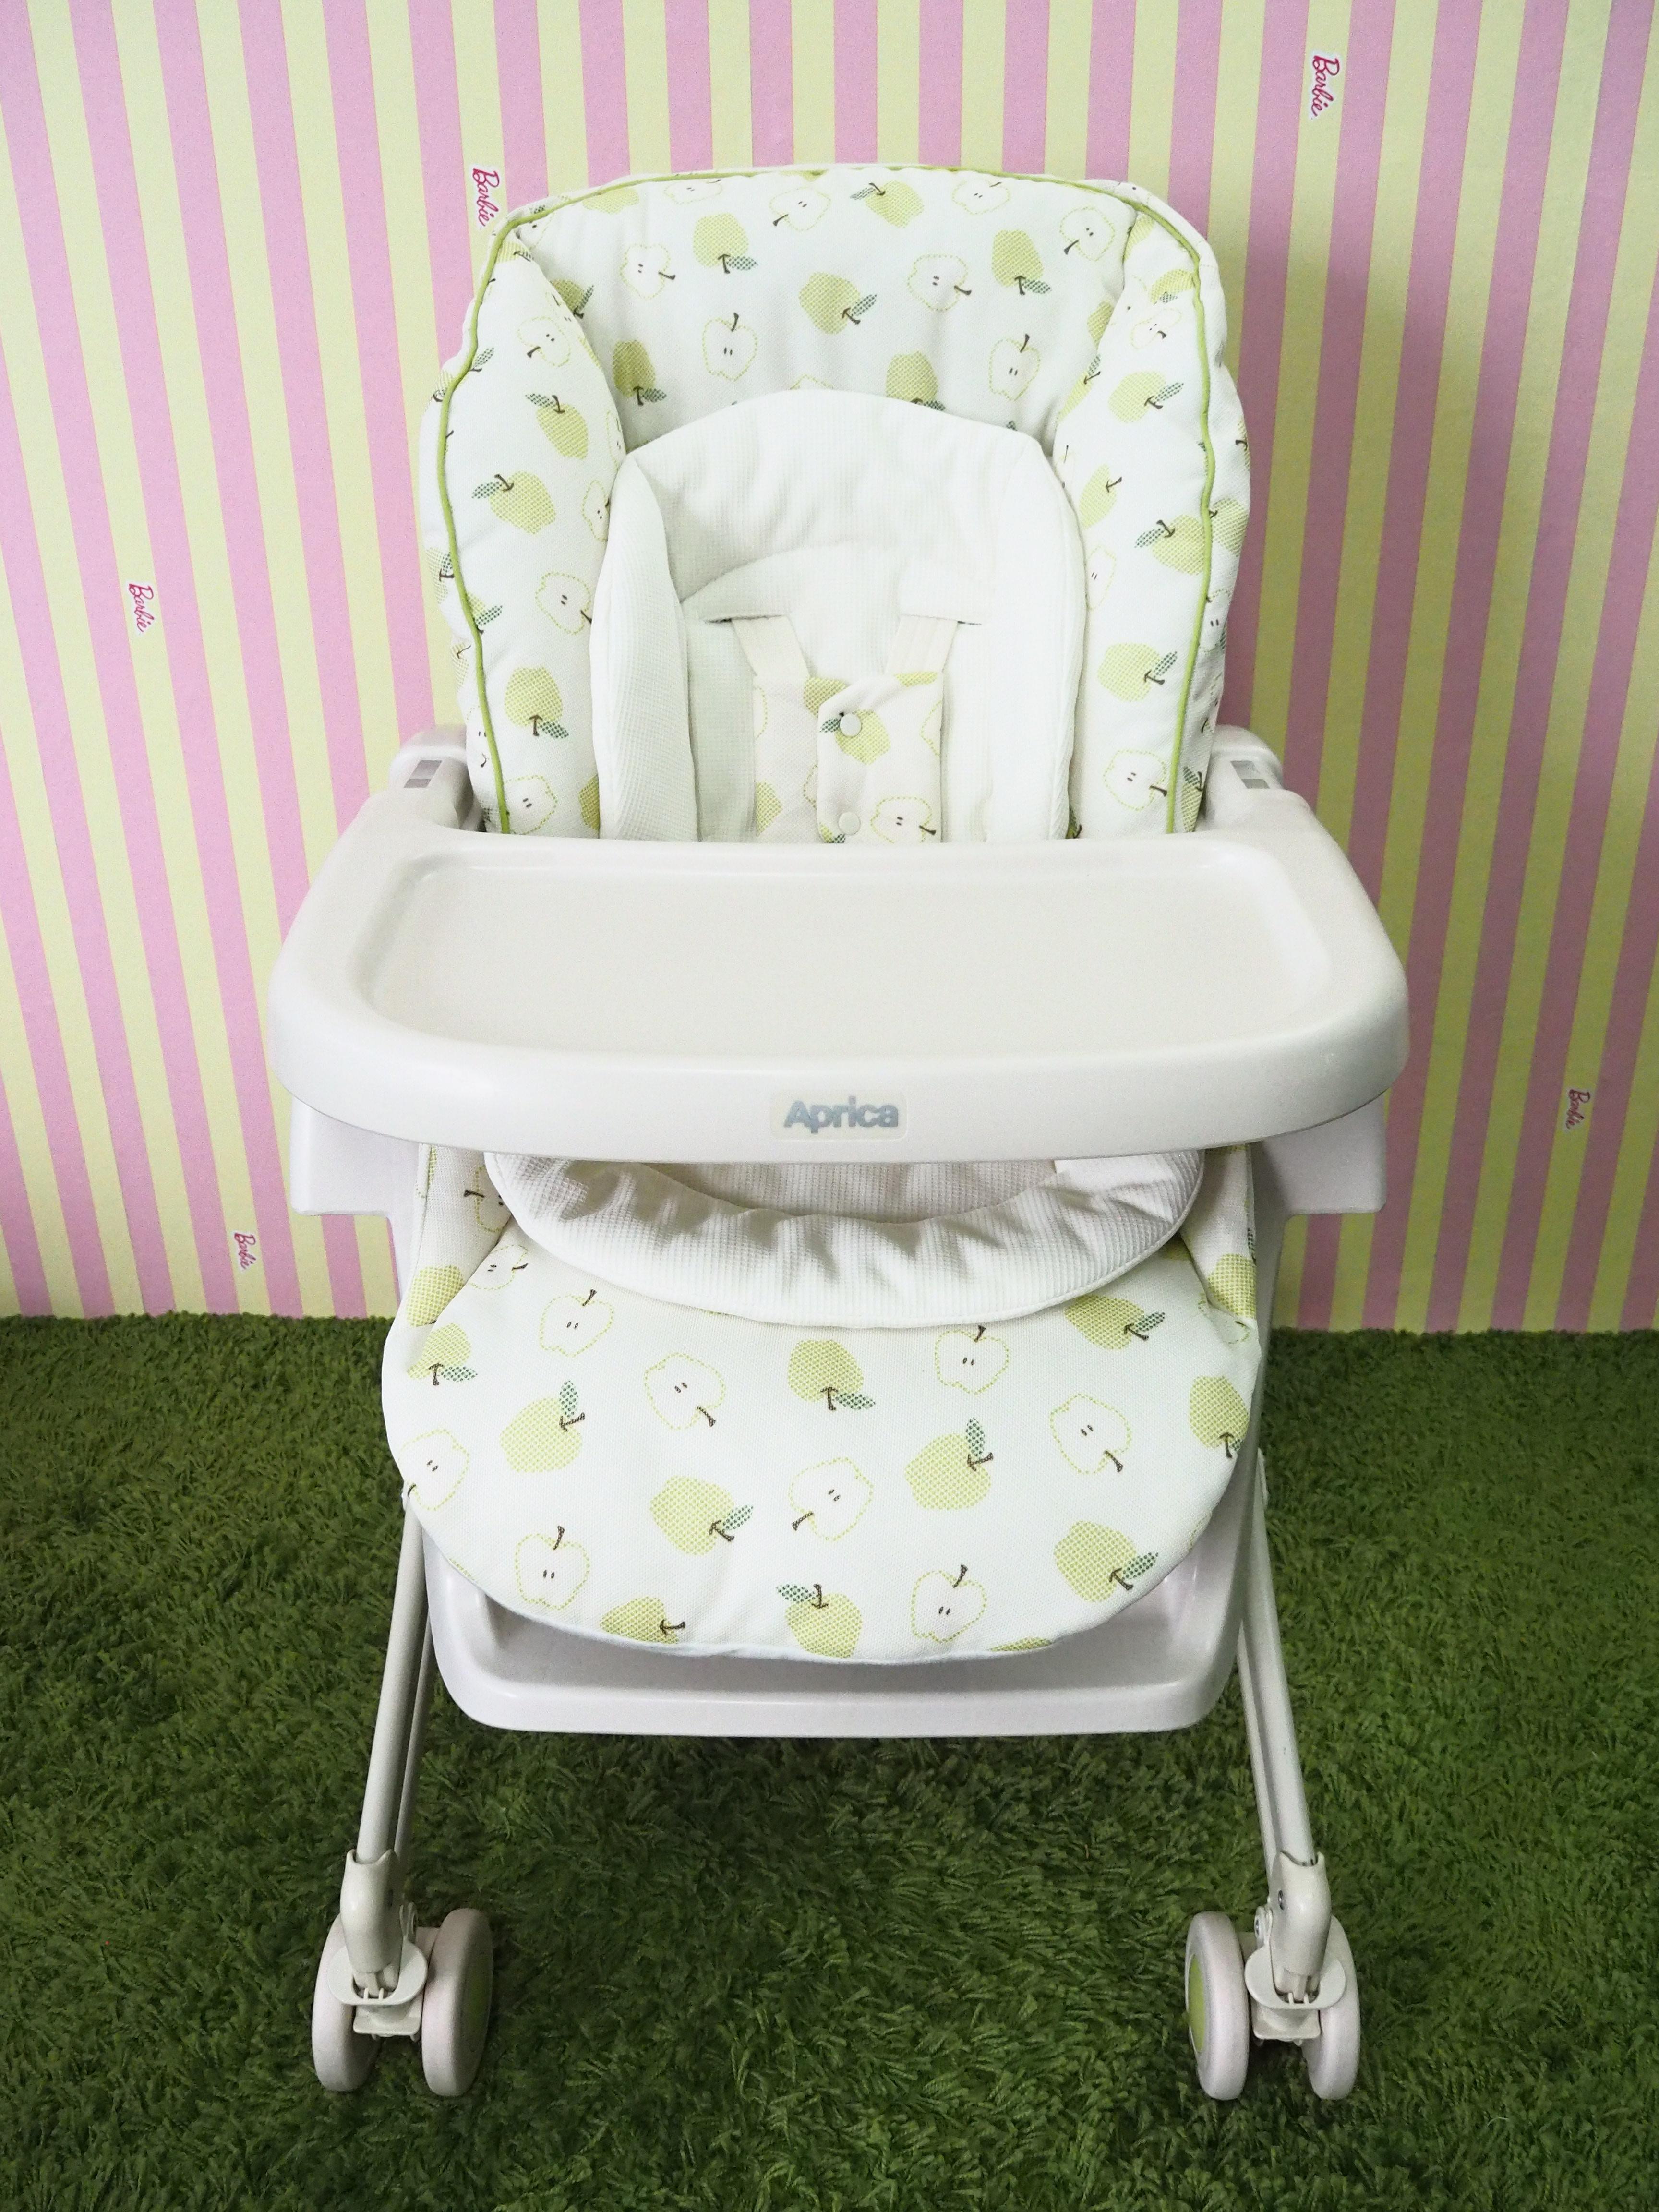 High Chair Aprica (เปลไกว+เก้าอี้ทานข้าว) ลายแอปเปิ้ล